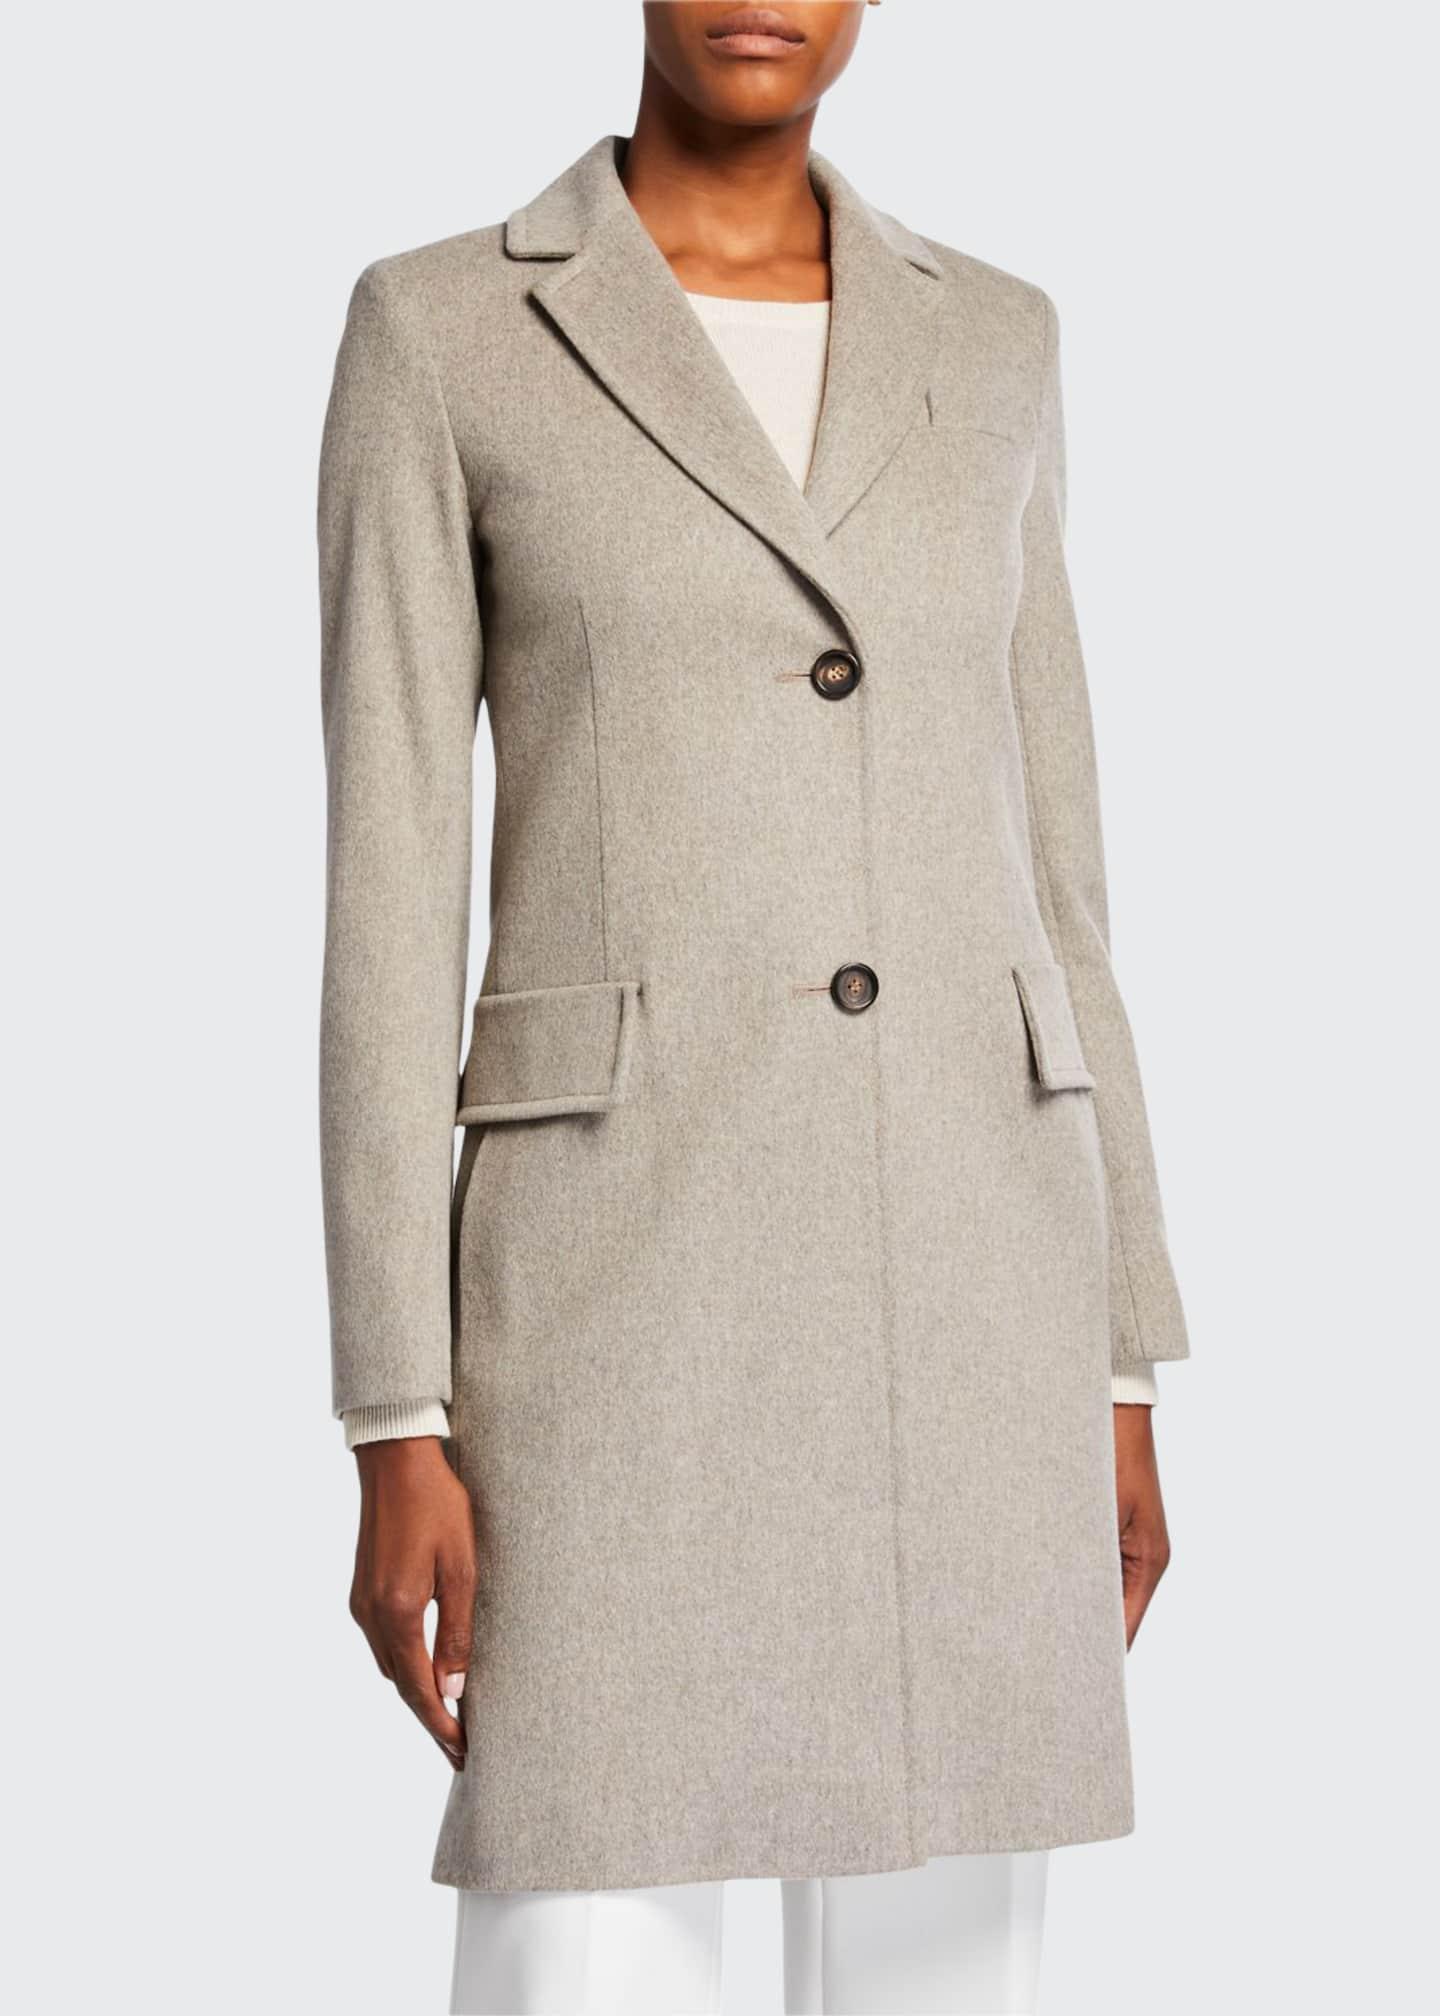 Fleurette Midi-Length Top Coat w/ Two-Button Front